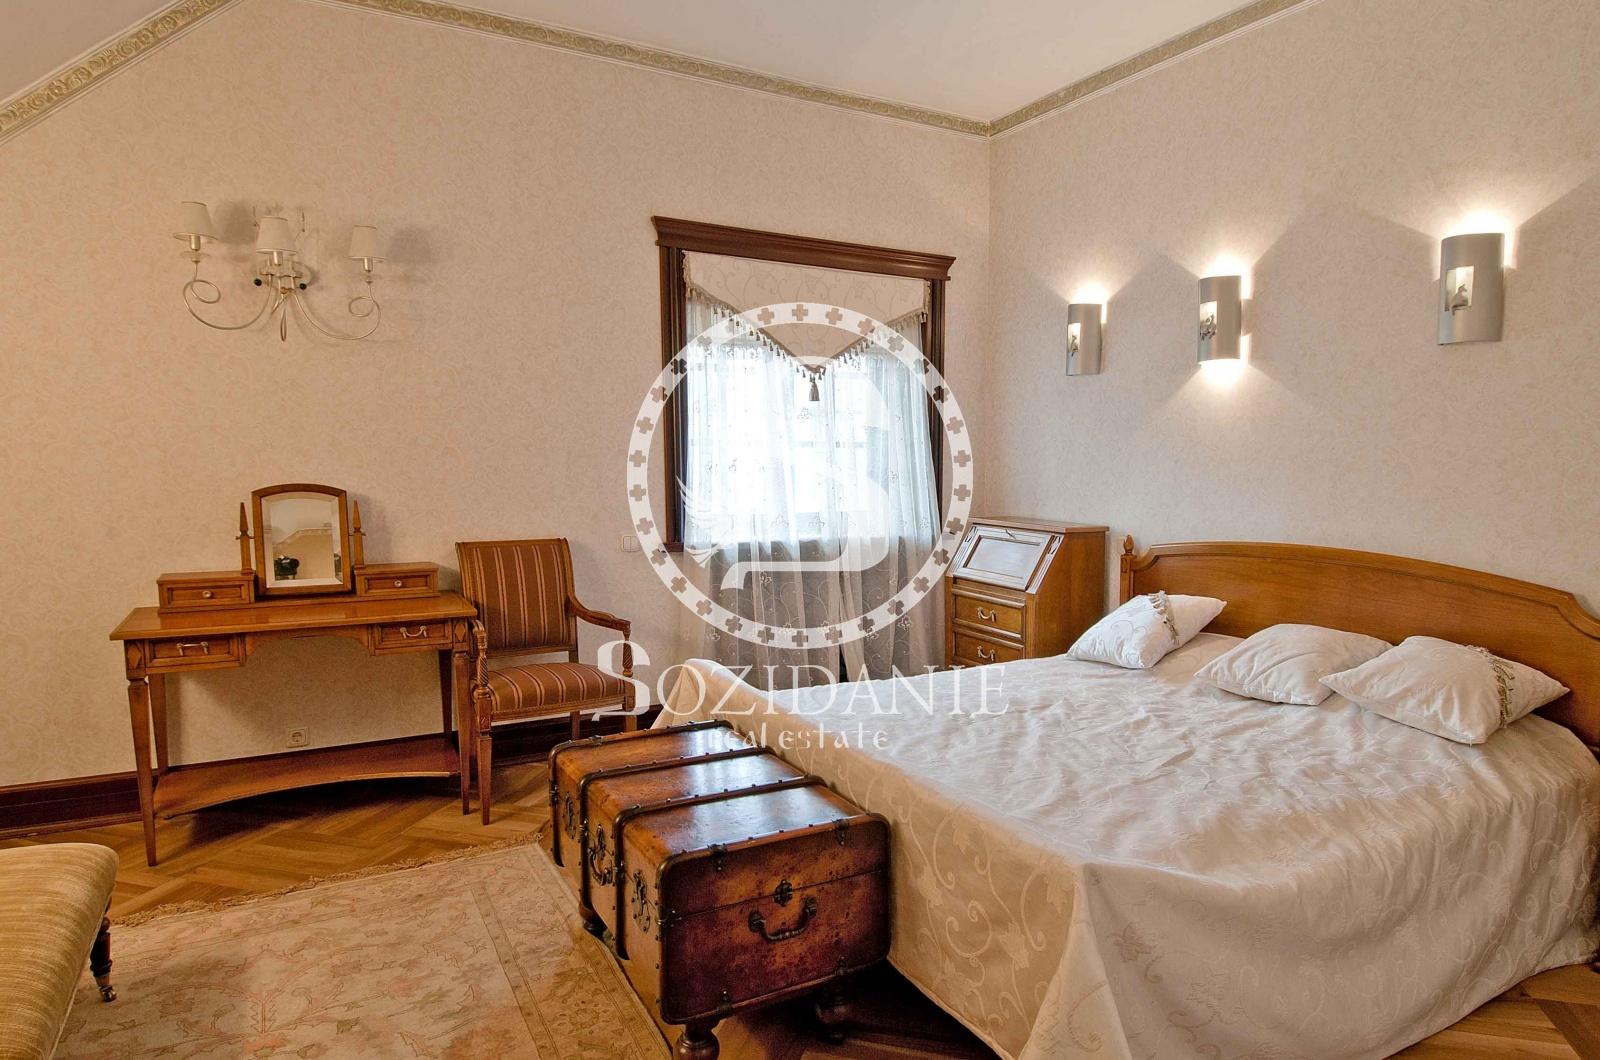 5 Bedrooms, Загородная, Продажа, Listing ID 1344, Московская область, Россия,